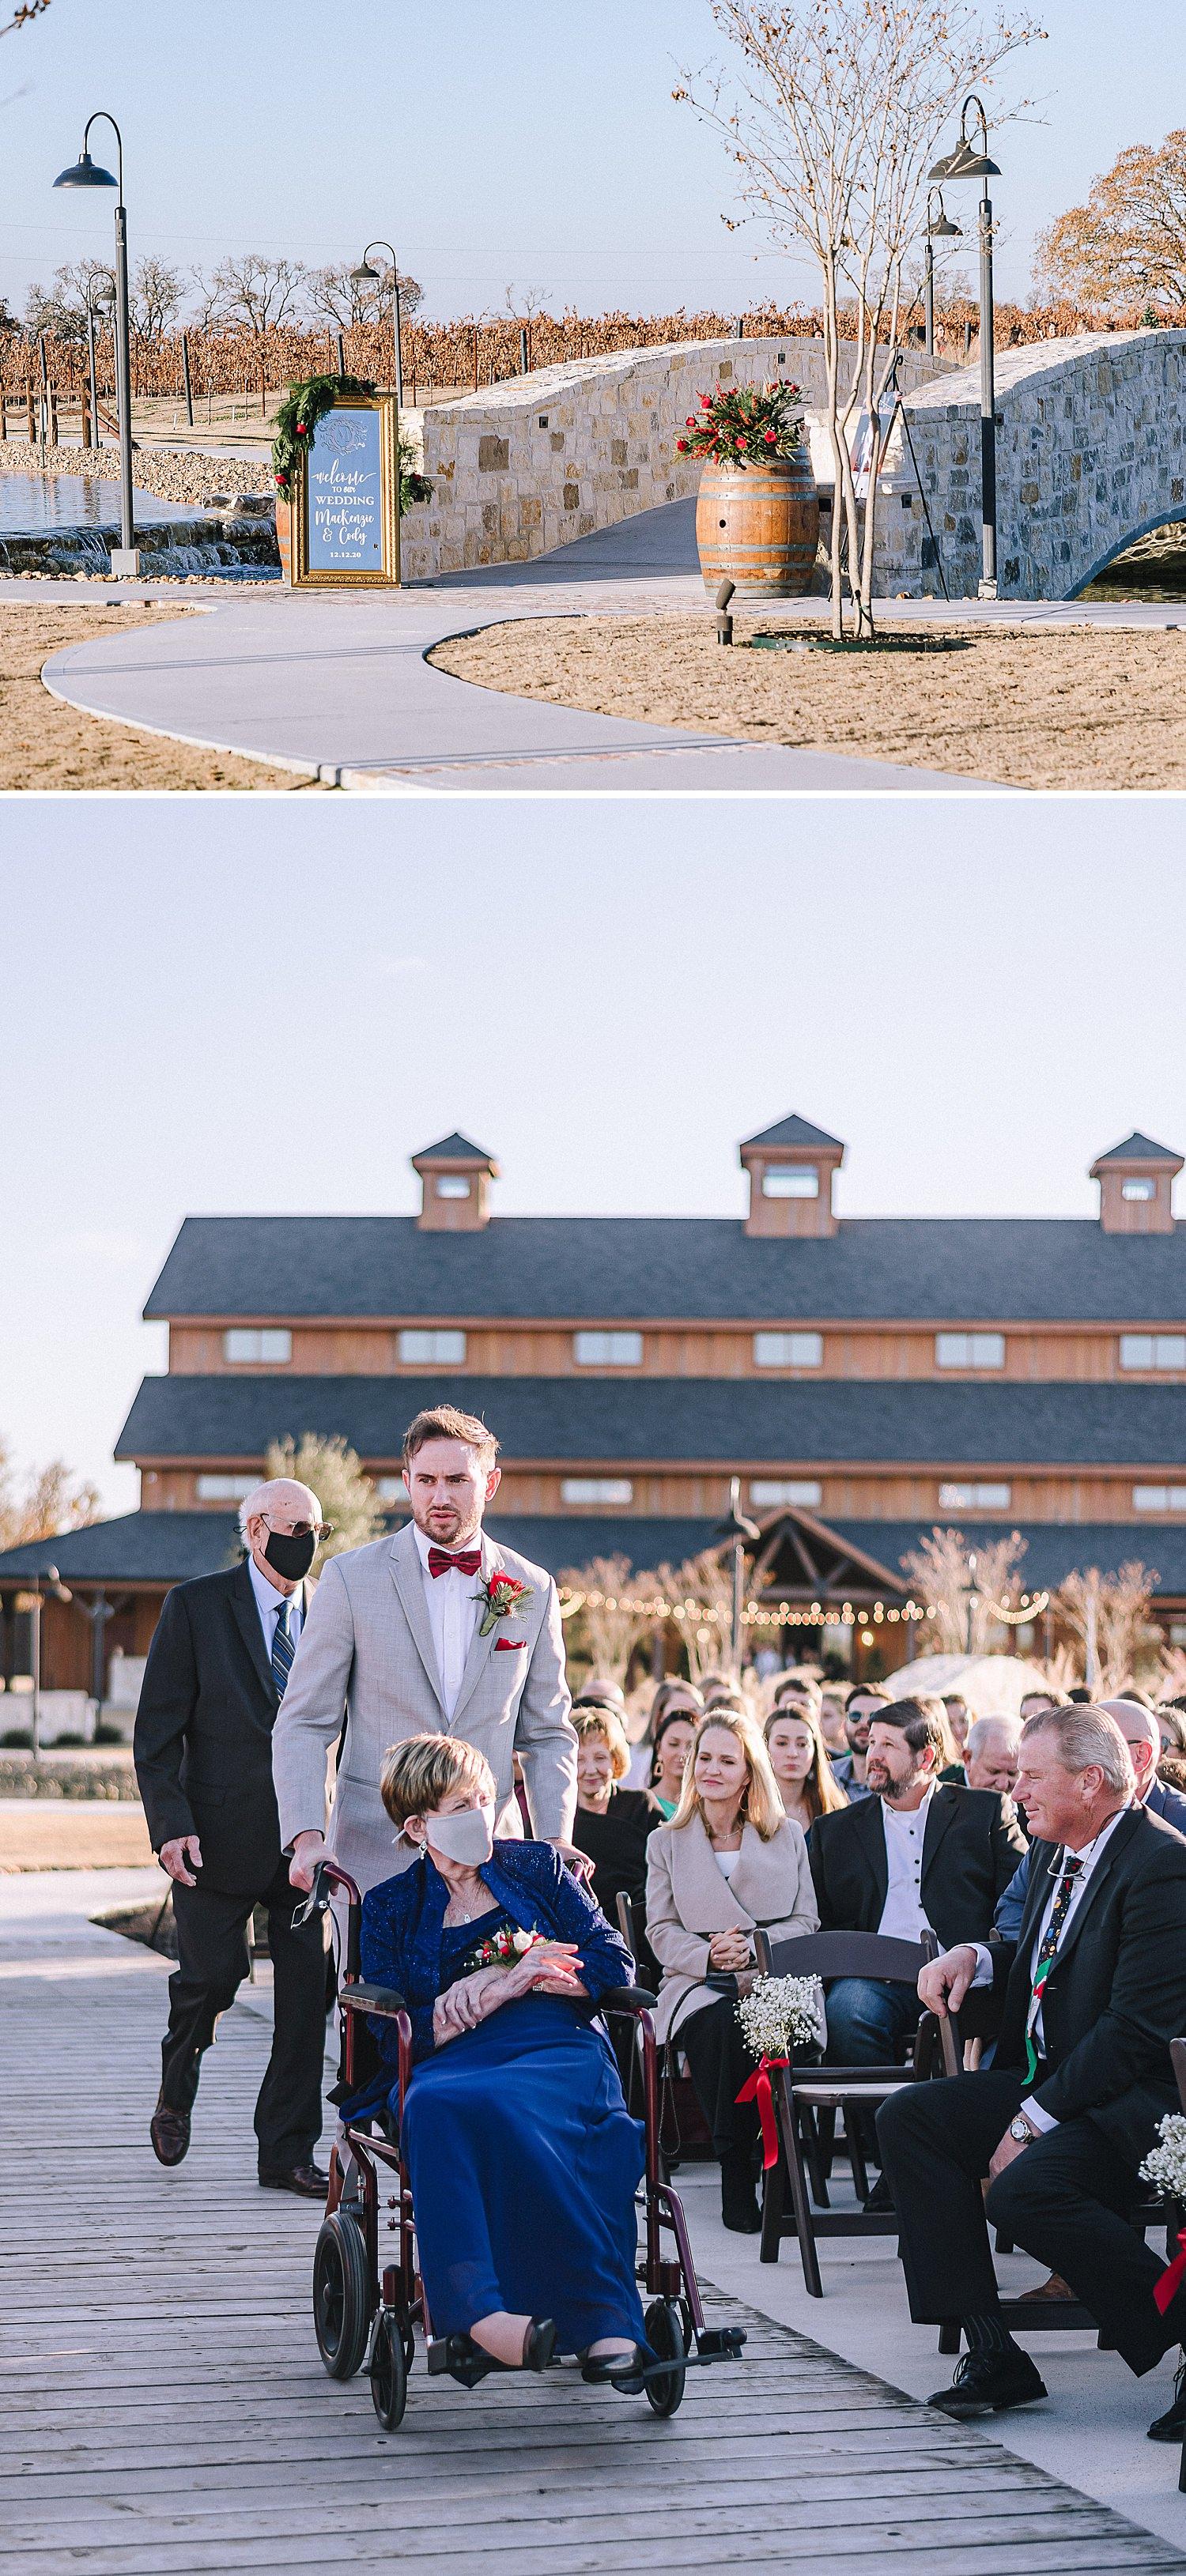 College-Station-Aggie-Wedding-The-Weinberg-at-Wixon-Valley-Christmas-Hallmark-Wedding_0044.jpg